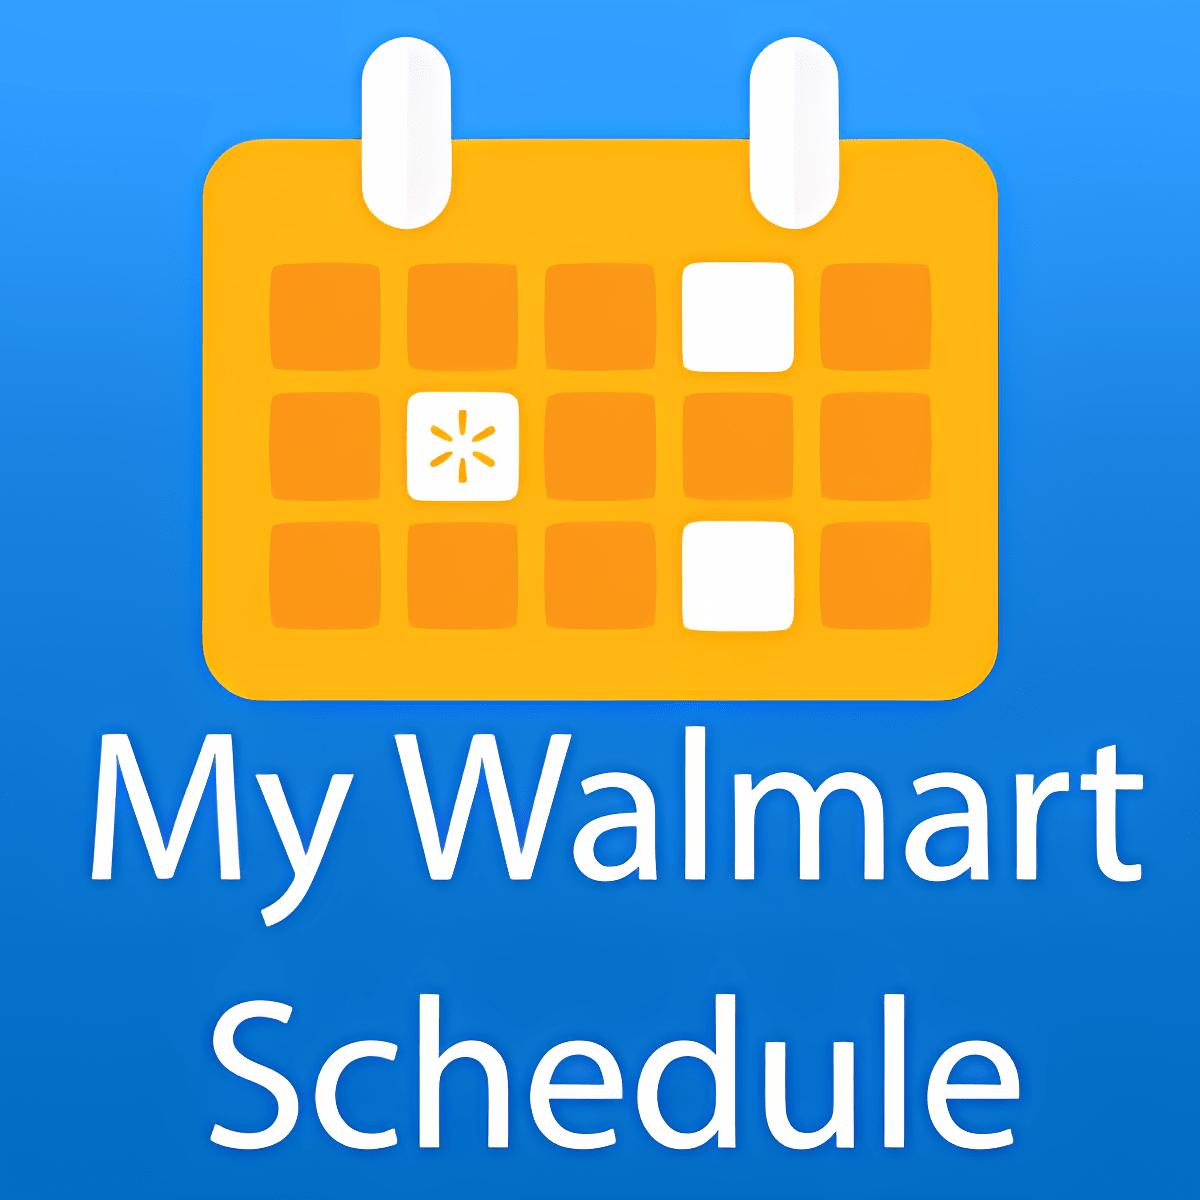 My Walmart Schedule 1.13.8.113000009